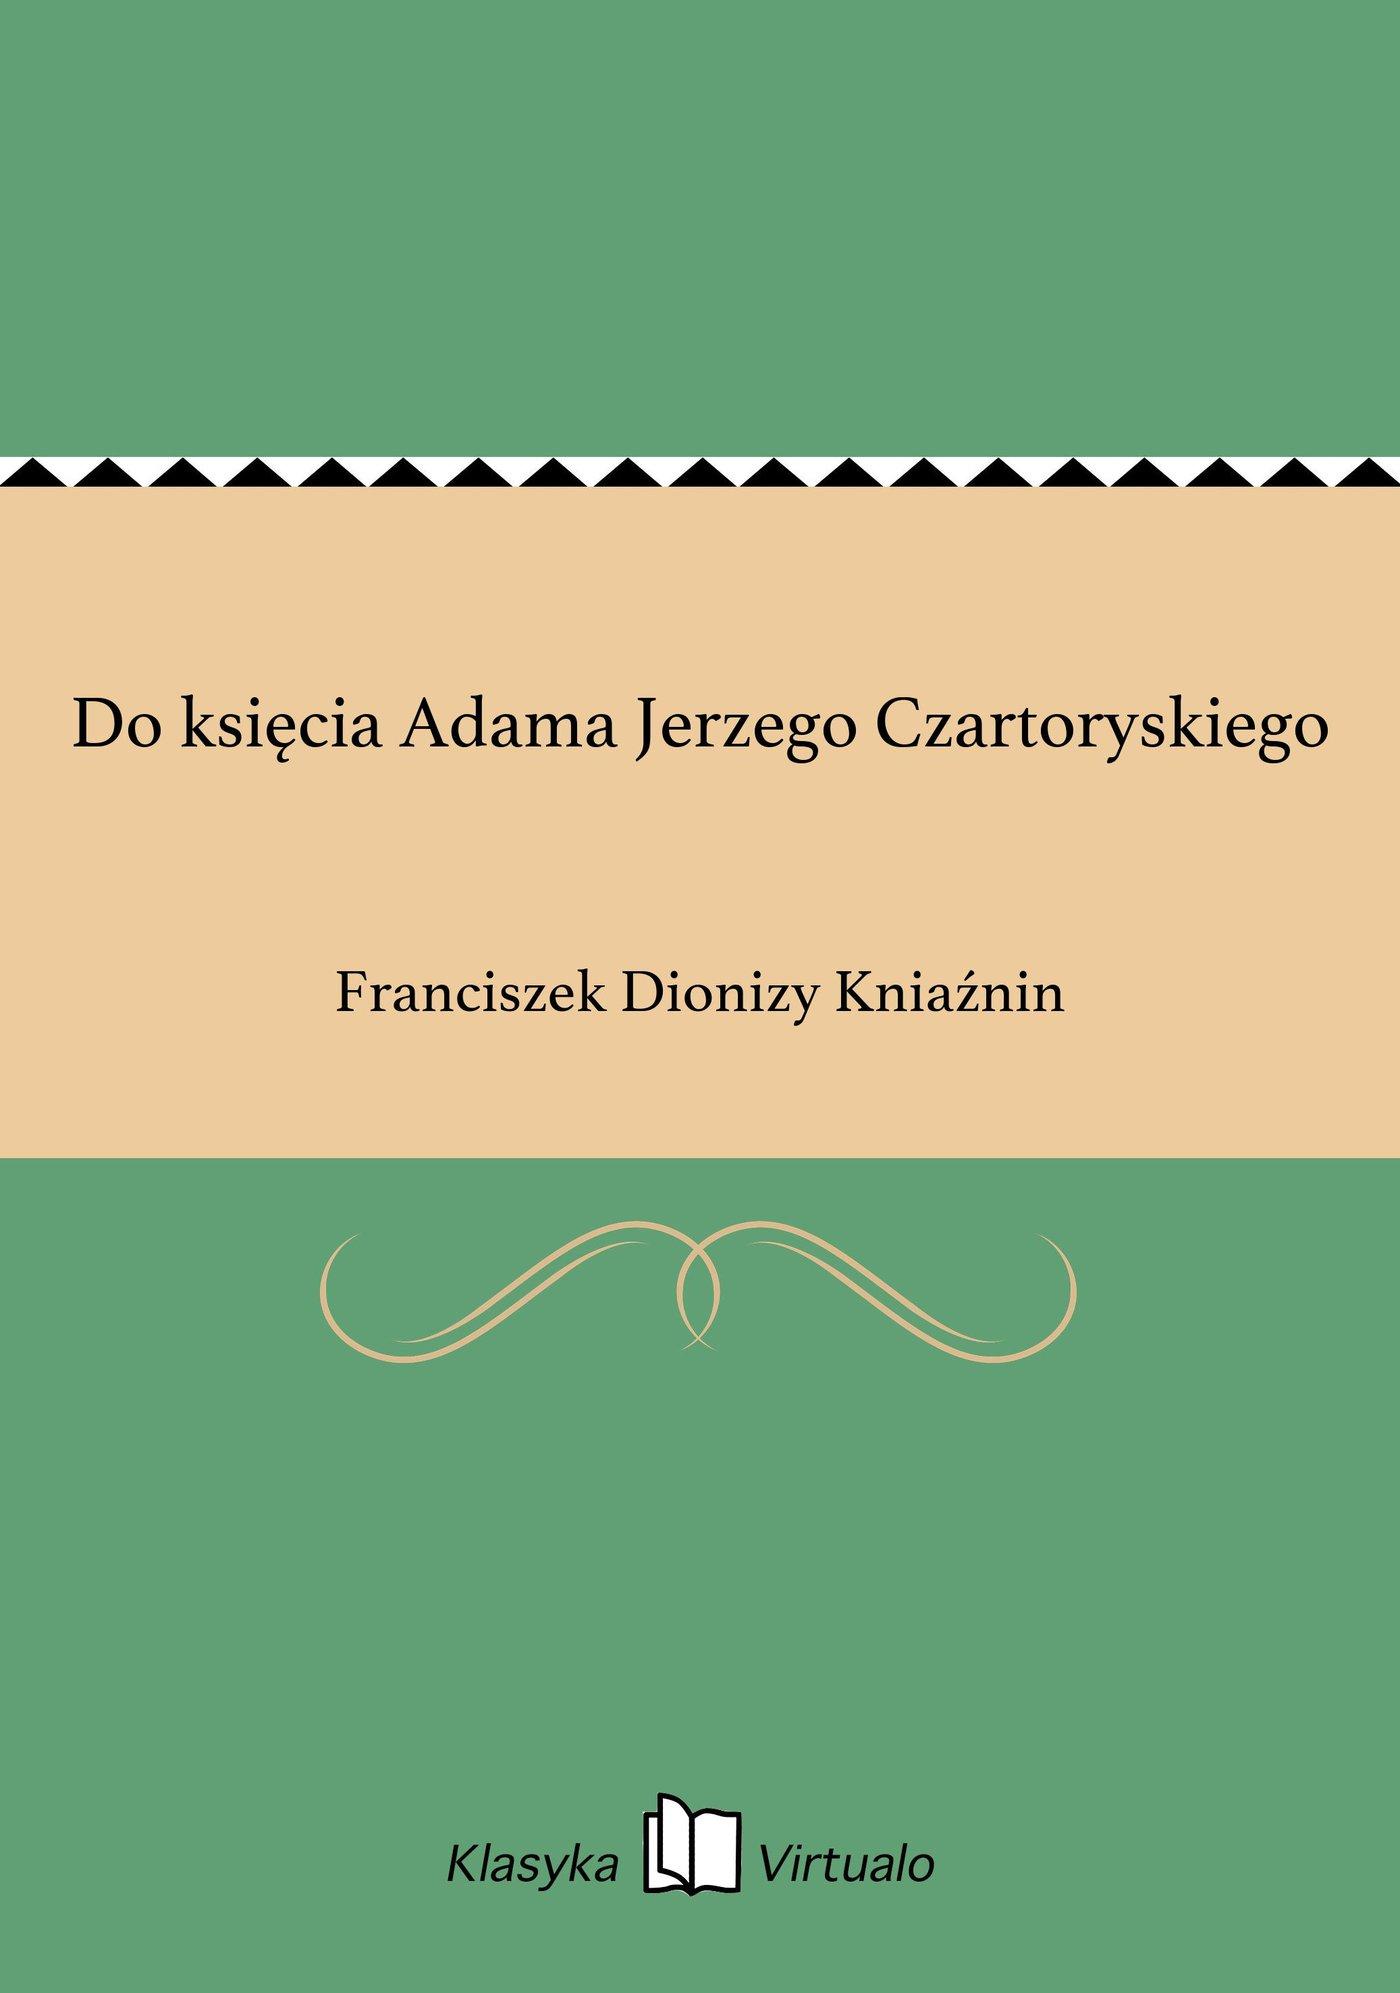 Do księcia Adama Jerzego Czartoryskiego - Ebook (Książka EPUB) do pobrania w formacie EPUB